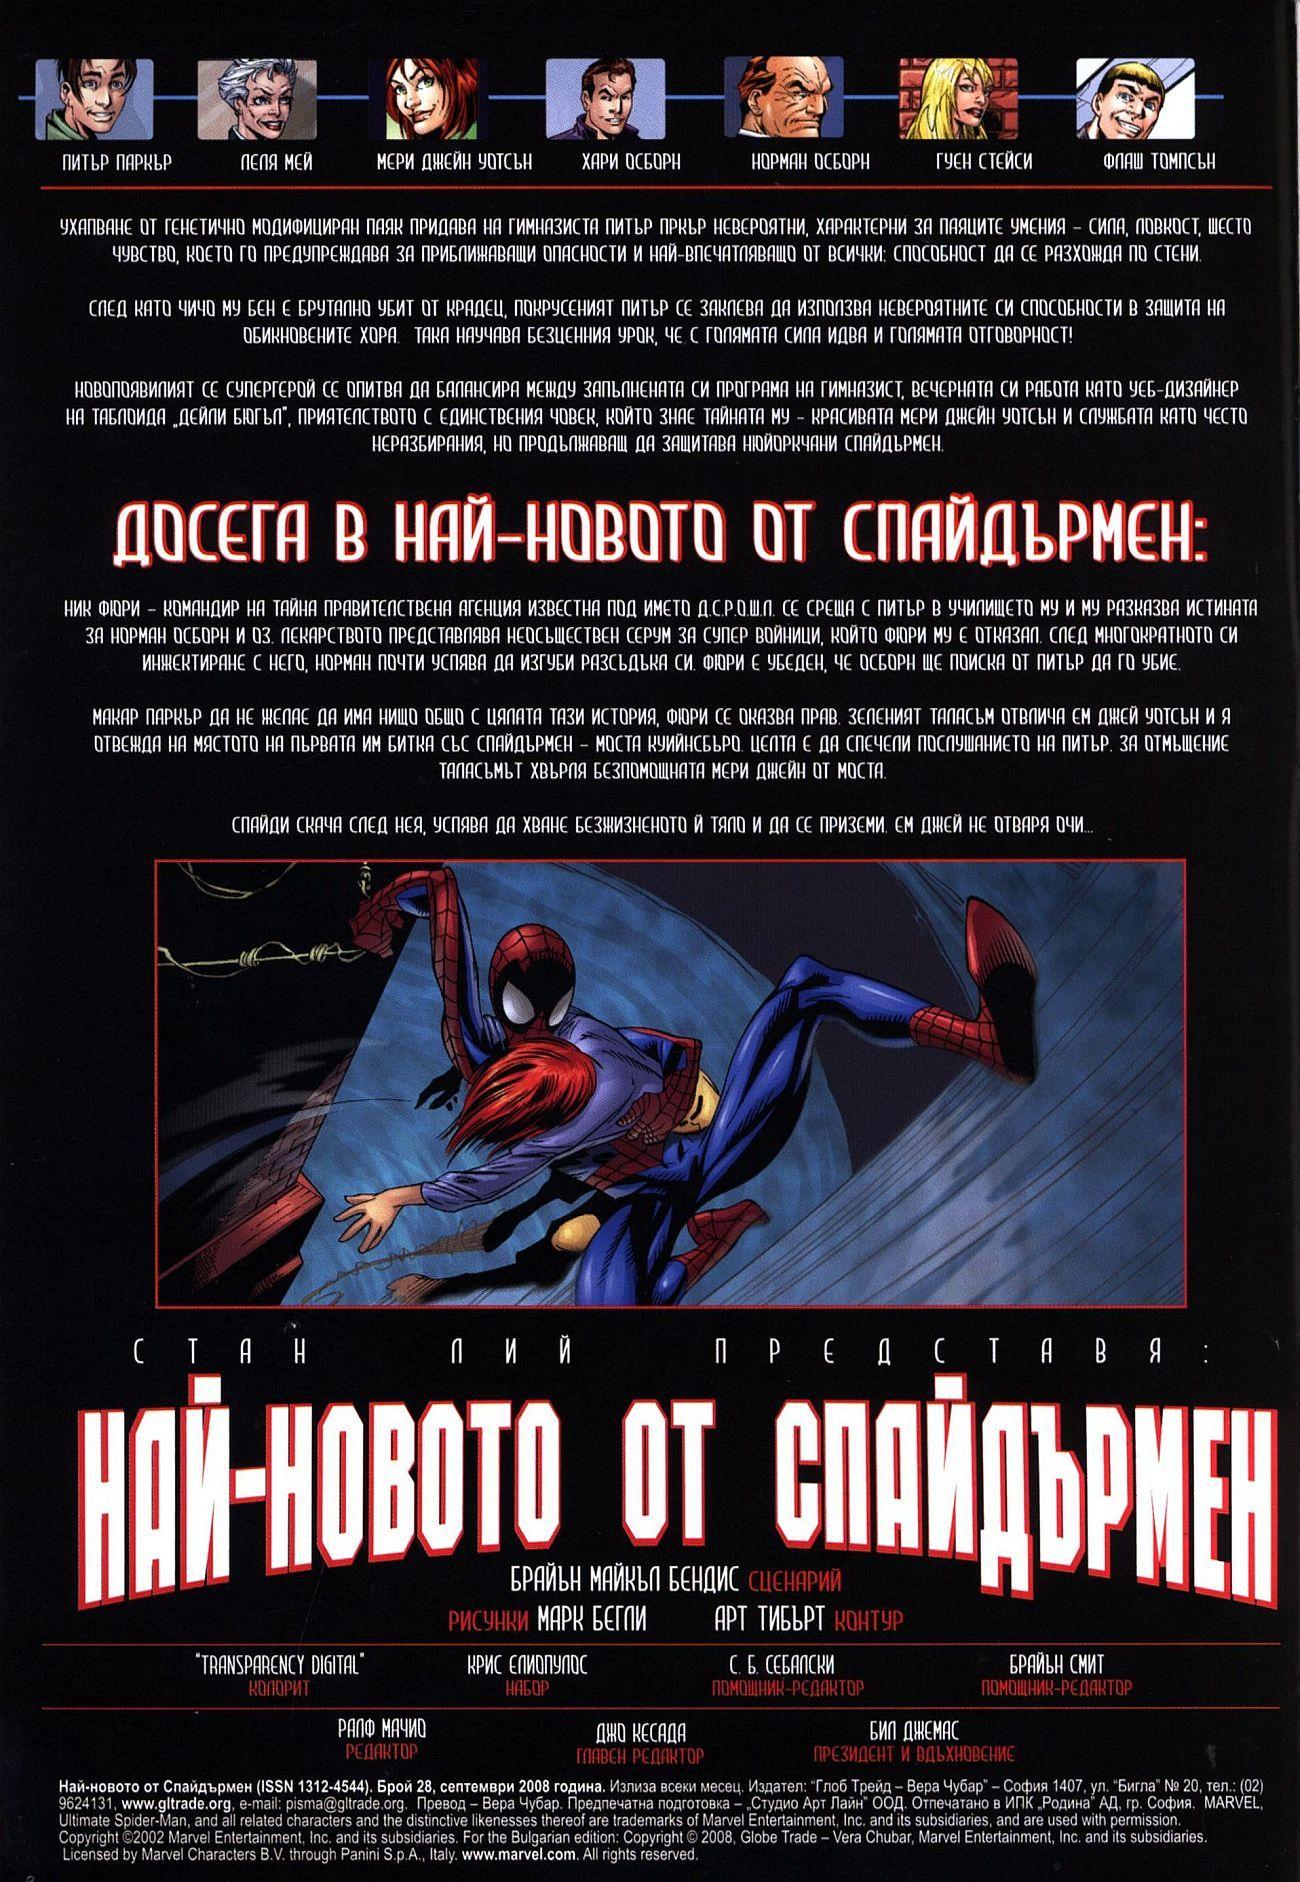 Най-новото от Спайдърмен (Брой 28 / Отктомври 2008):  Кръговрати - 5